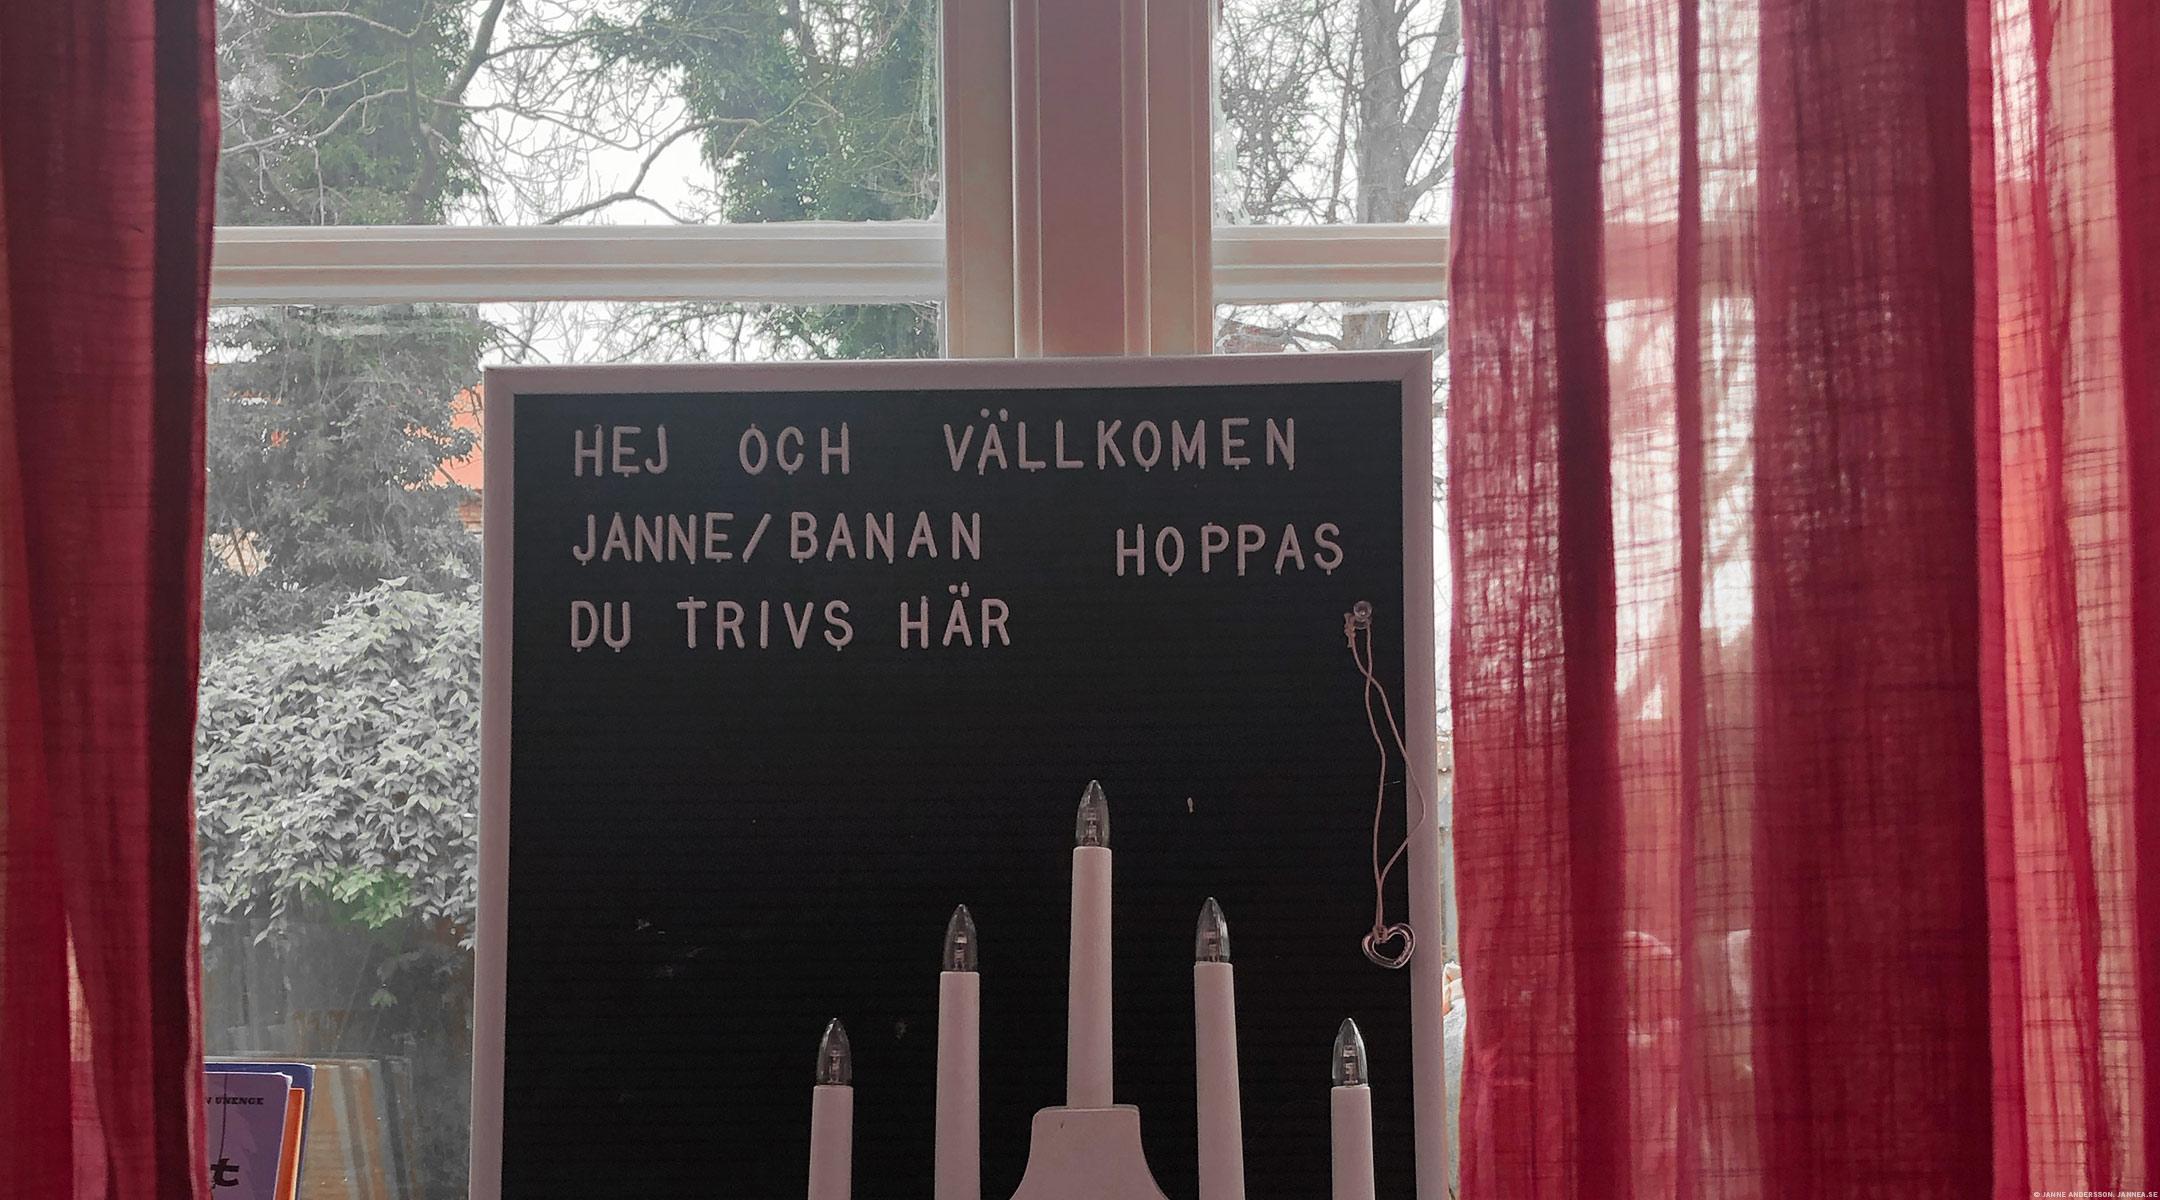 Hej och välkommen till Ystad |© Janne A